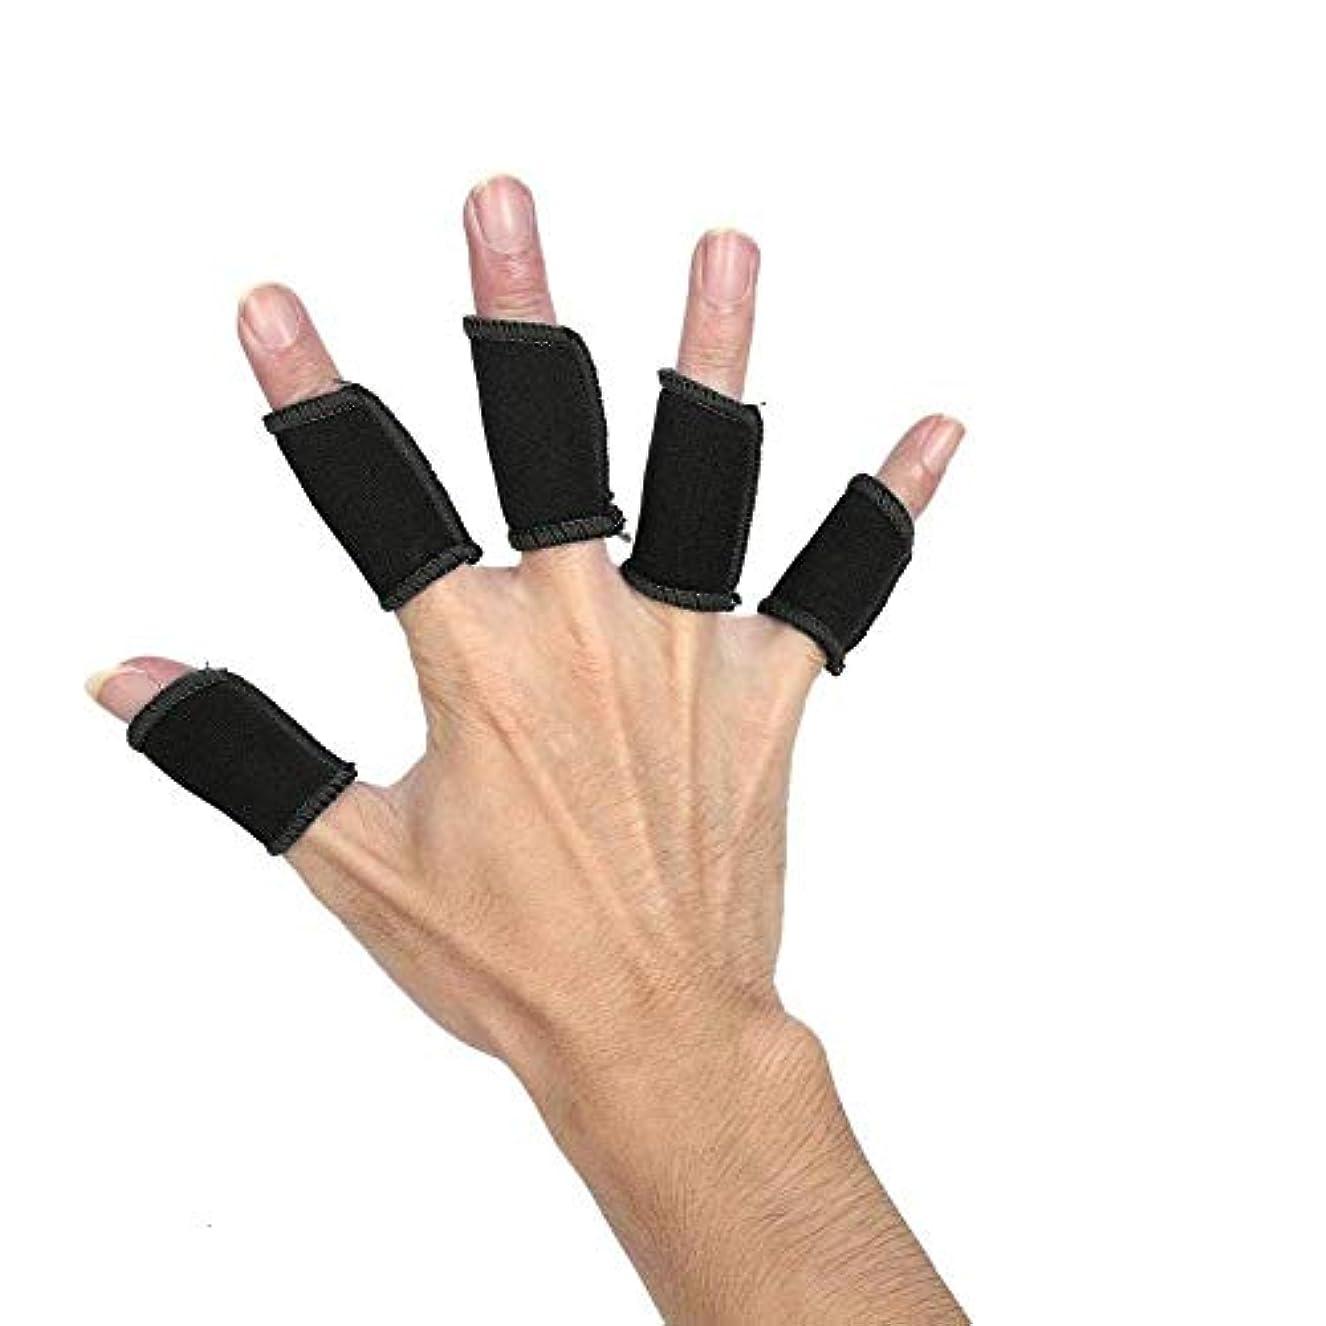 ペネロペ断片種指の損傷のサポート、指のプロテクター5個のサポートスポーツの指のサポートスプリントプロテクター親指のサポートプロテクター,Black